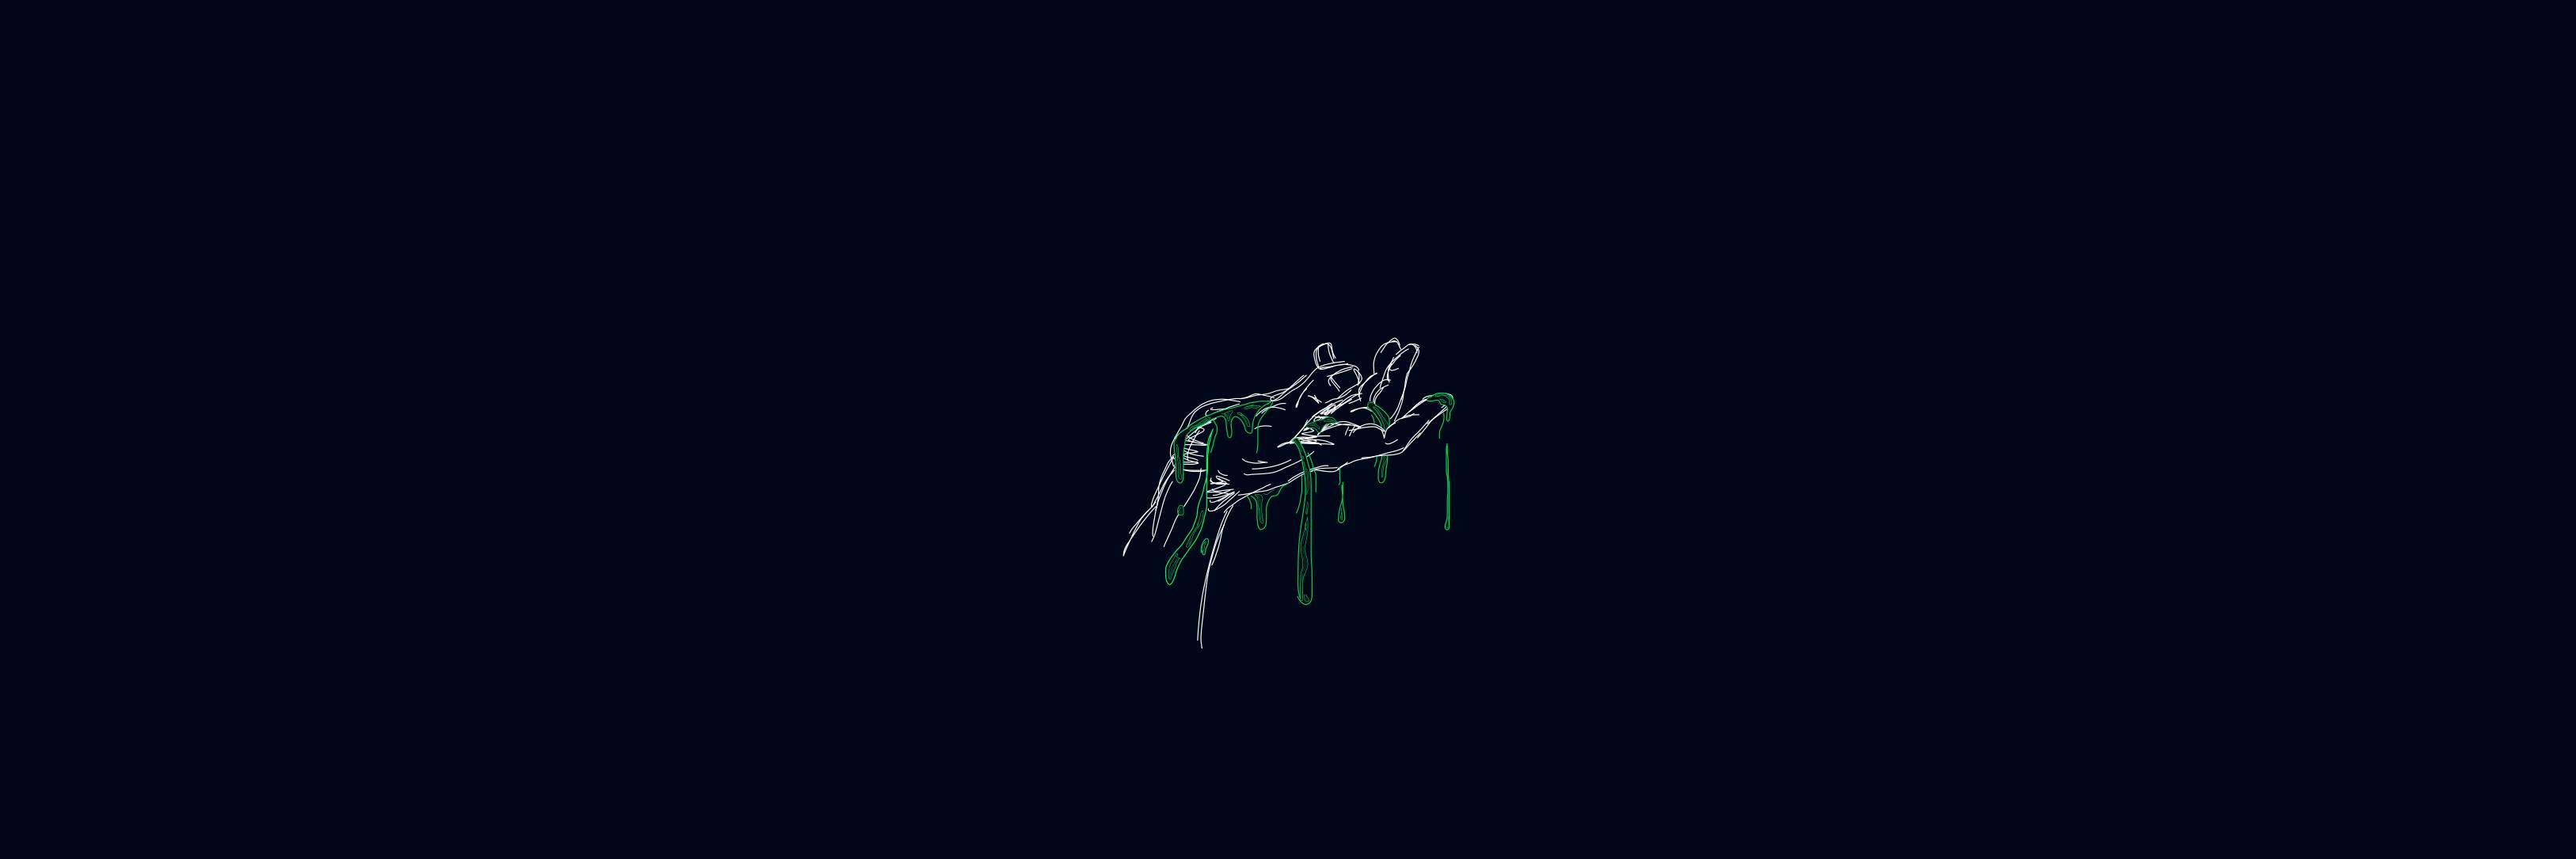 اشک انسان - تهی ( در هوای محرم )